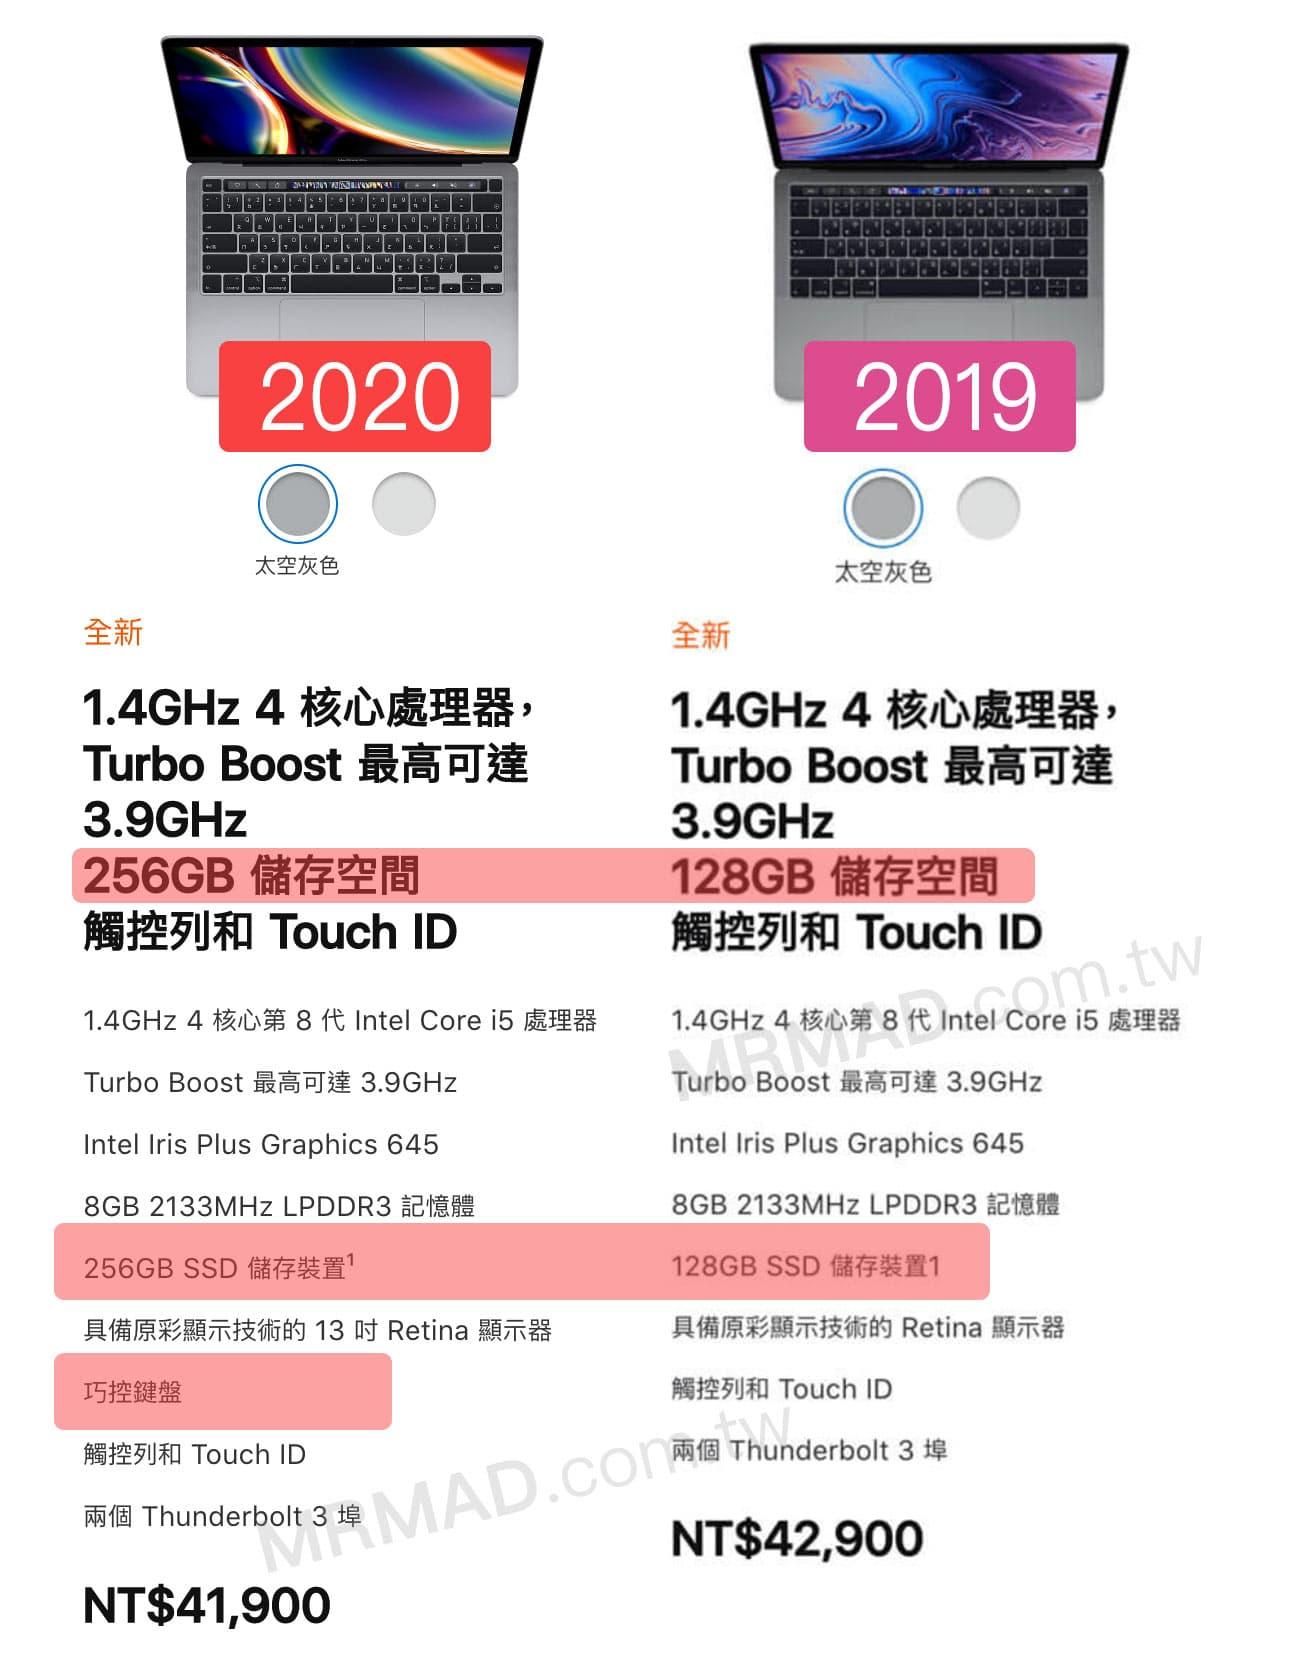 2020 MacBook Pro 與 2019 Macbook Pro 差在哪